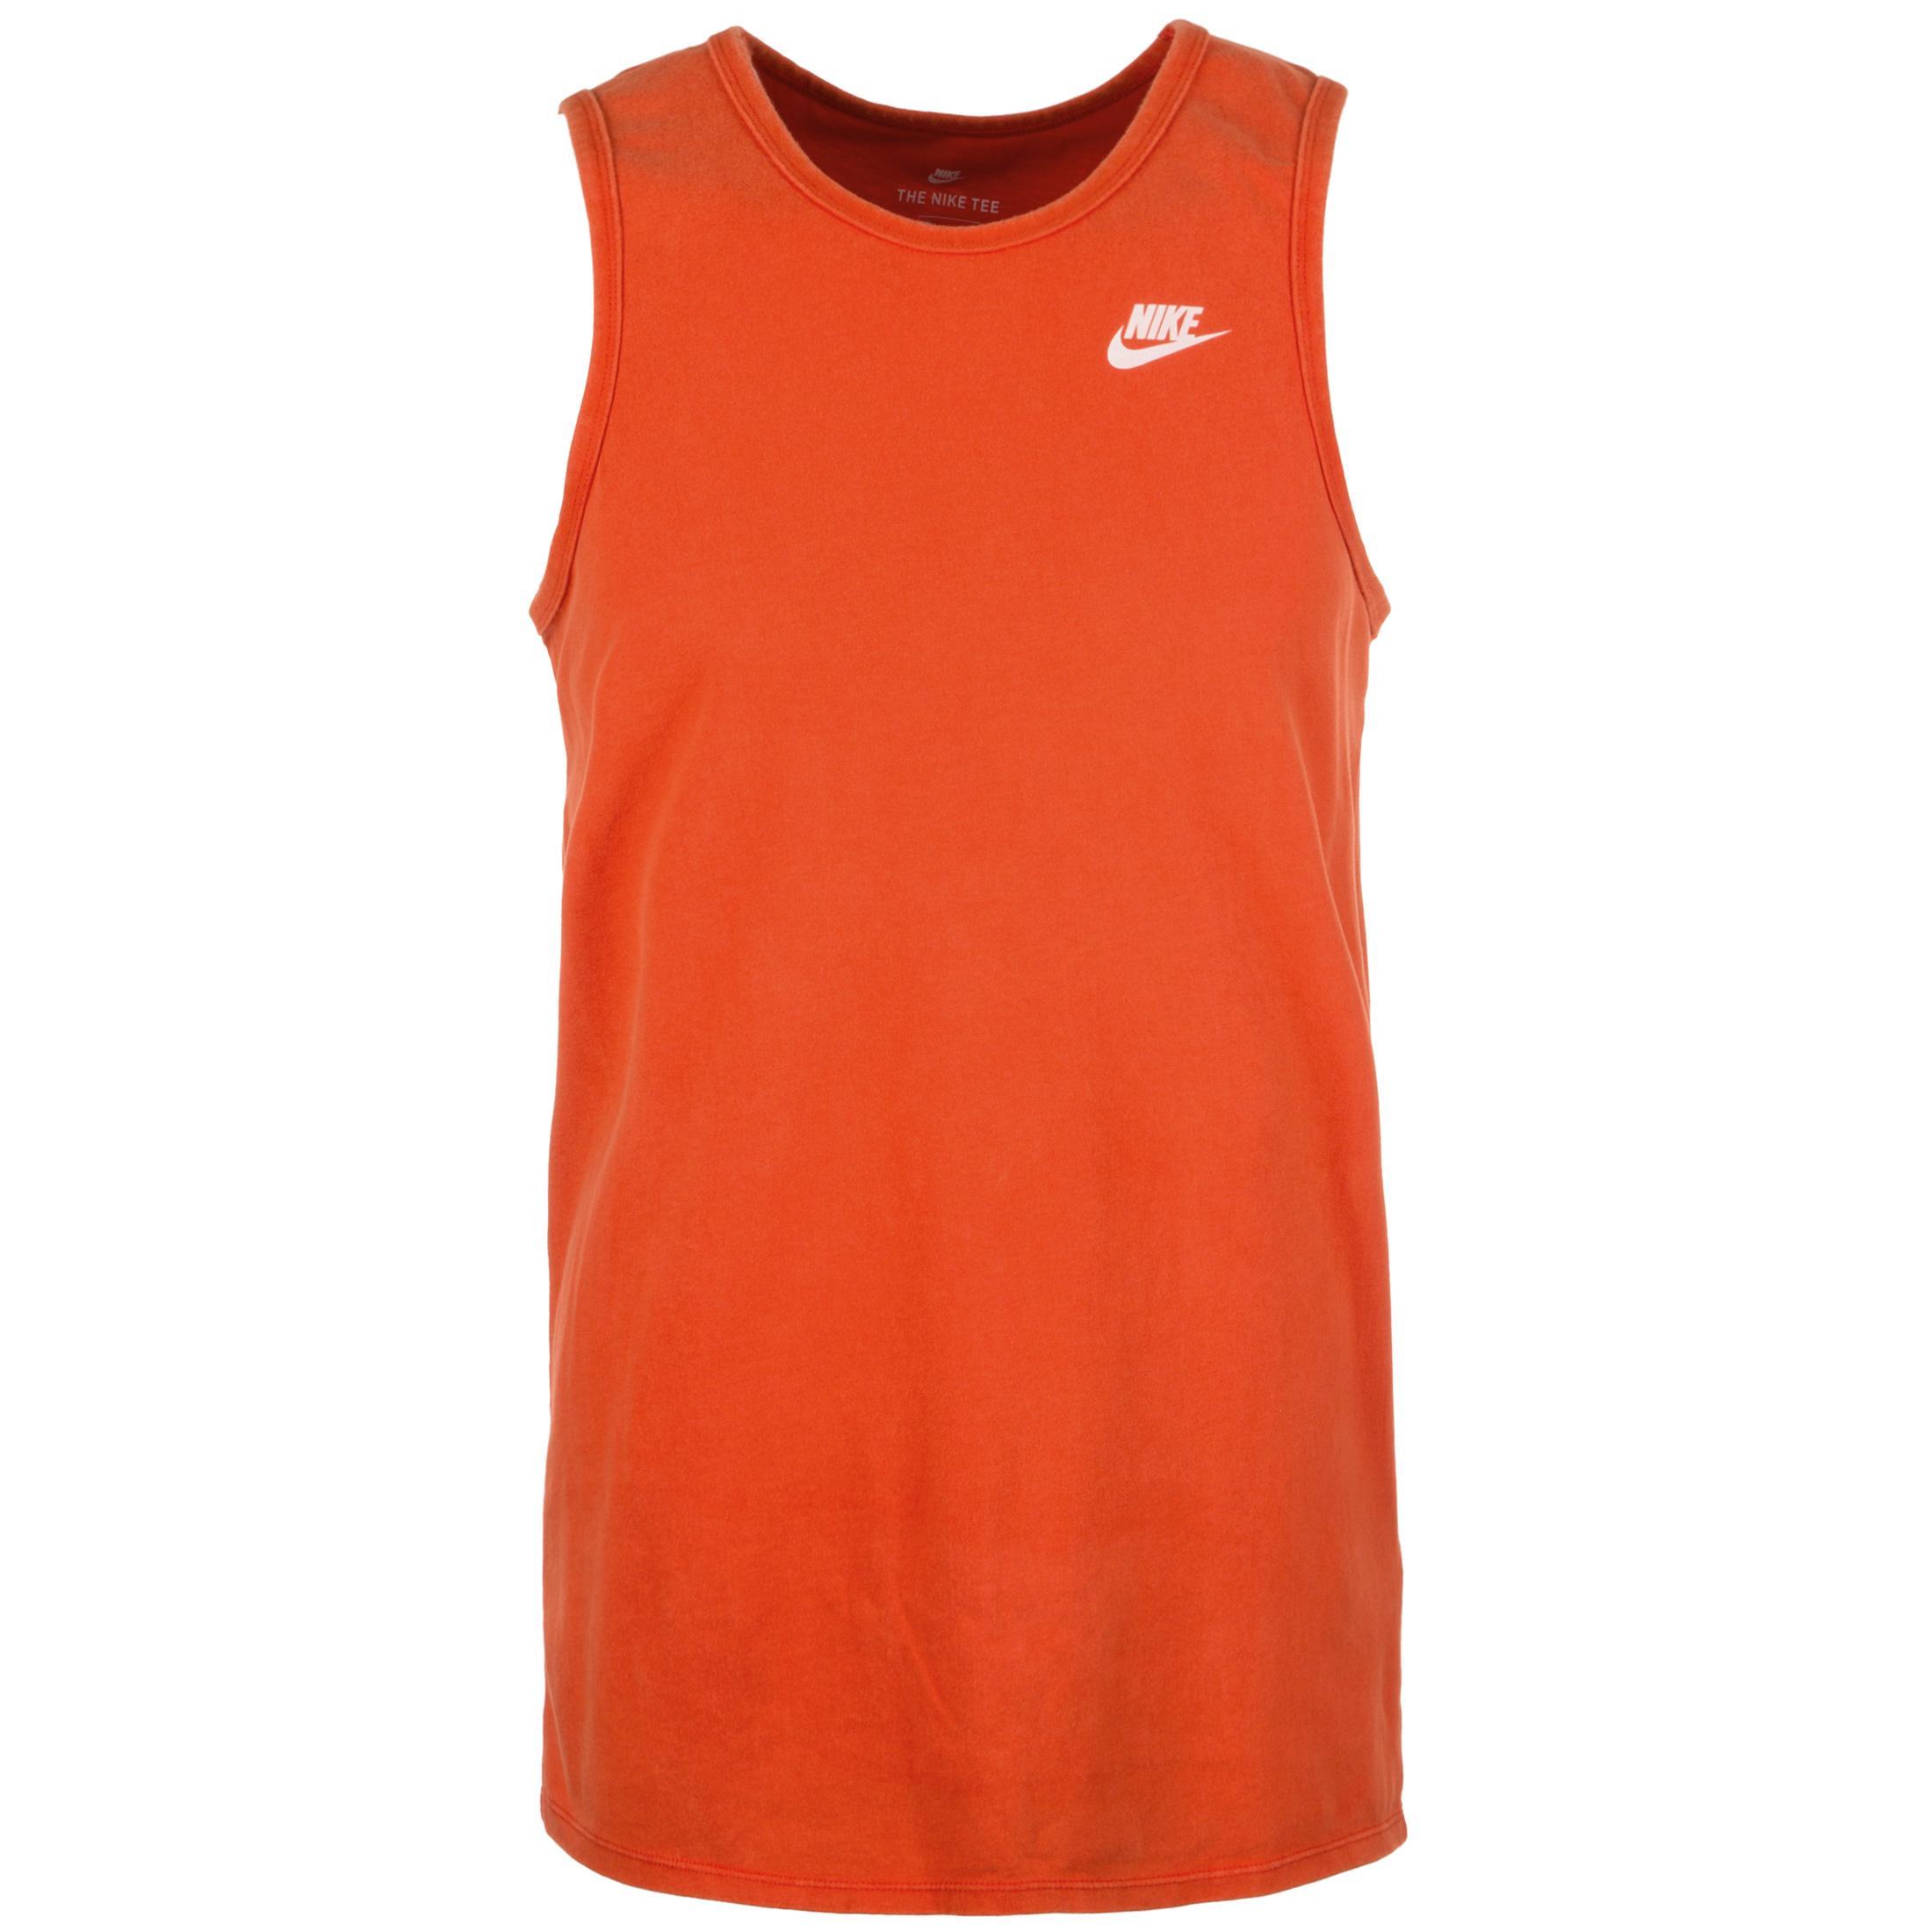 Nike Online orangerot kaufen von Tanktop im Shop SportScheck Sportswear hellrot Herren nN8wm0